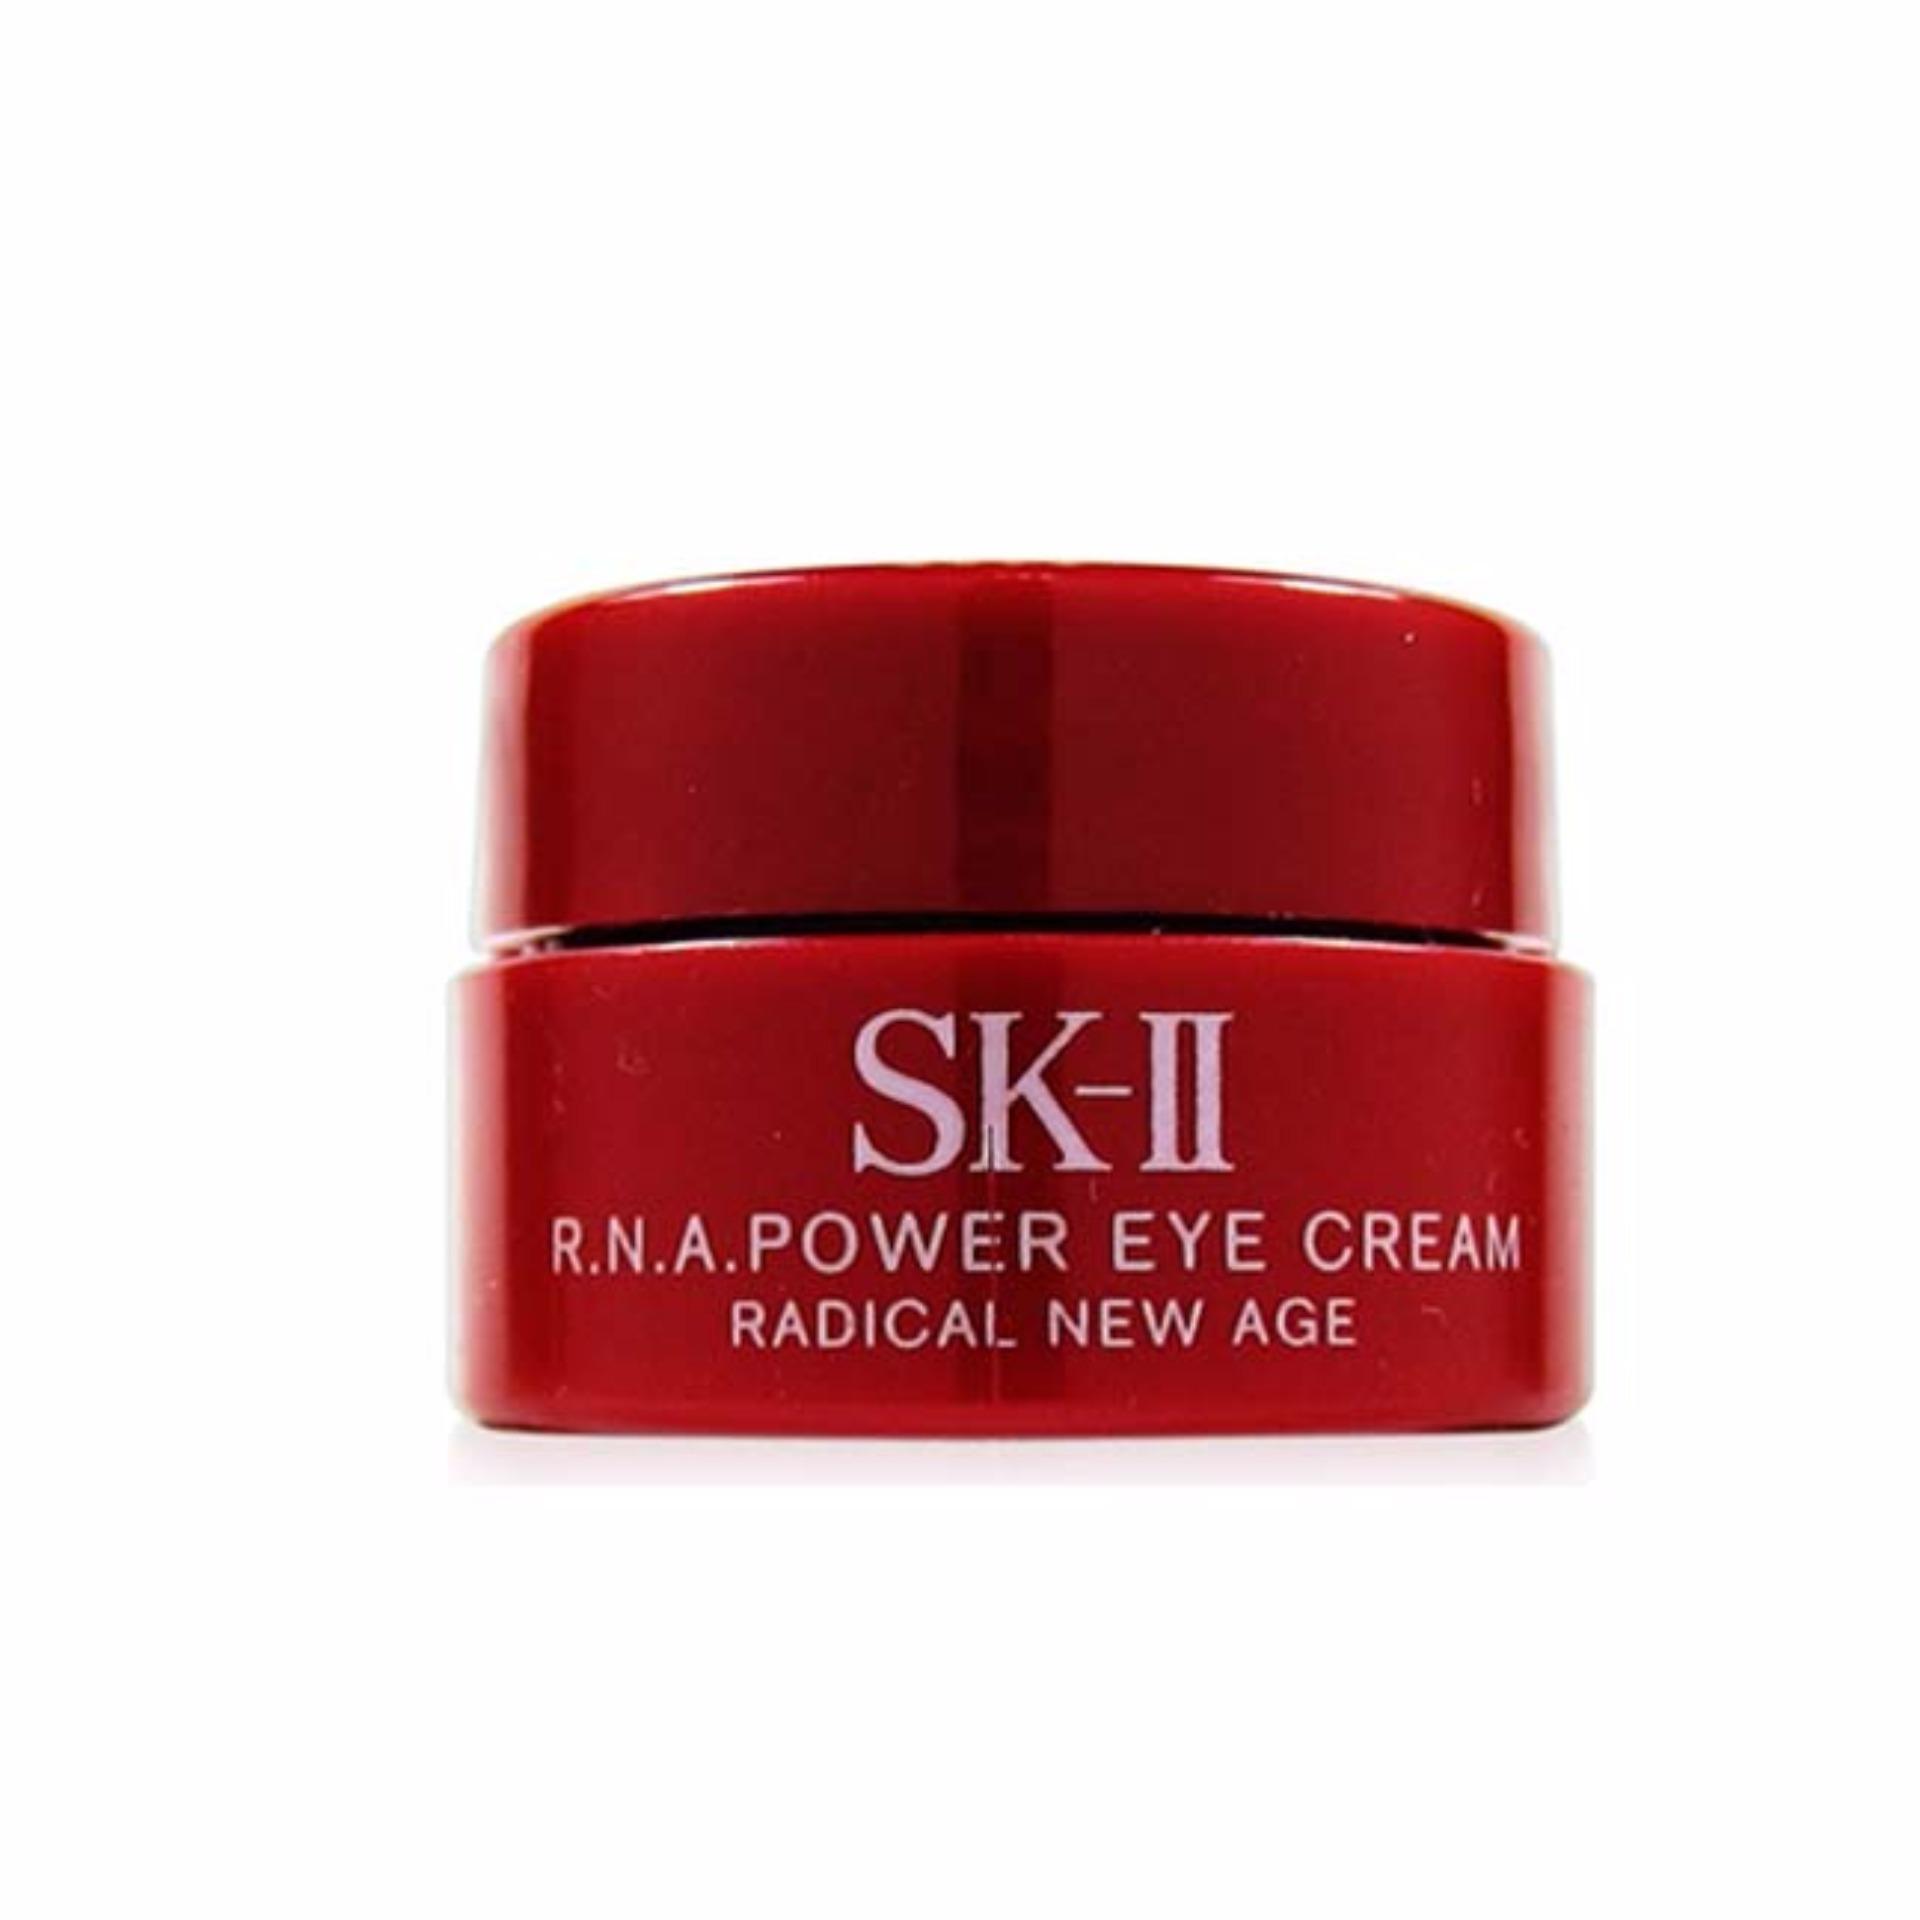 SK-II R.N.A Power Eye Cream 2,5gr 1pcs